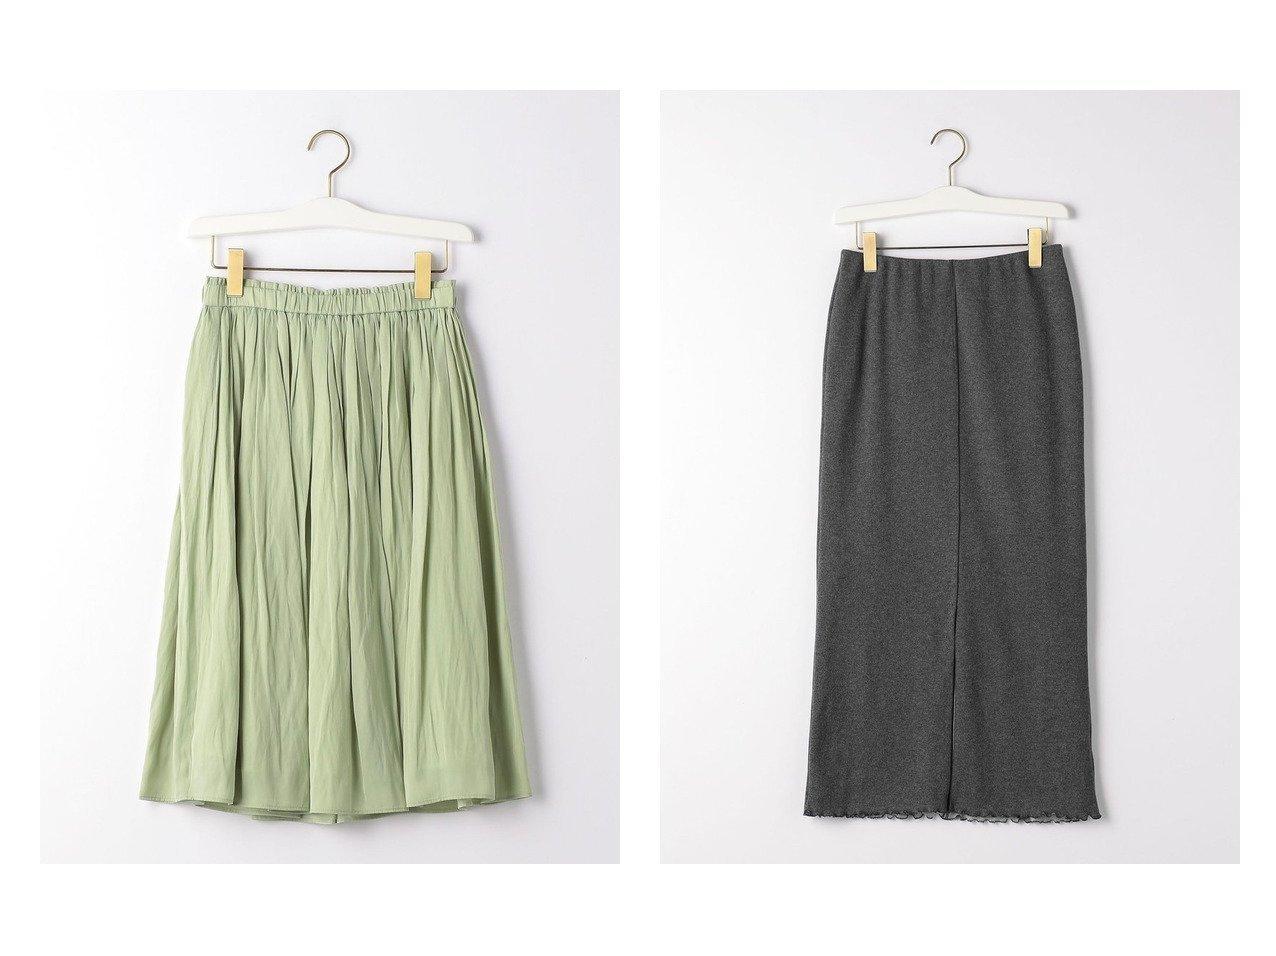 【green label relaxing / UNITED ARROWS/グリーンレーベル リラクシング / ユナイテッドアローズ】のCS monable マットサテン ギャザー スカート&【EMMEL REFINES】EM ROOM イージー タイトスカート スカートのおすすめ!人気、トレンド・レディースファッションの通販  おすすめで人気の流行・トレンド、ファッションの通販商品 メンズファッション・キッズファッション・インテリア・家具・レディースファッション・服の通販 founy(ファニー) https://founy.com/ ファッション Fashion レディースファッション WOMEN スカート Skirt Aライン/フレアスカート Flared A-Line Skirts NEW・新作・新着・新入荷 New Arrivals ギャザー サテン フレア A/W 秋冬 AW Autumn/Winter / FW Fall-Winter カットソー スリット タイトスカート チュニック パジャマ 楽ちん |ID:crp329100000009700